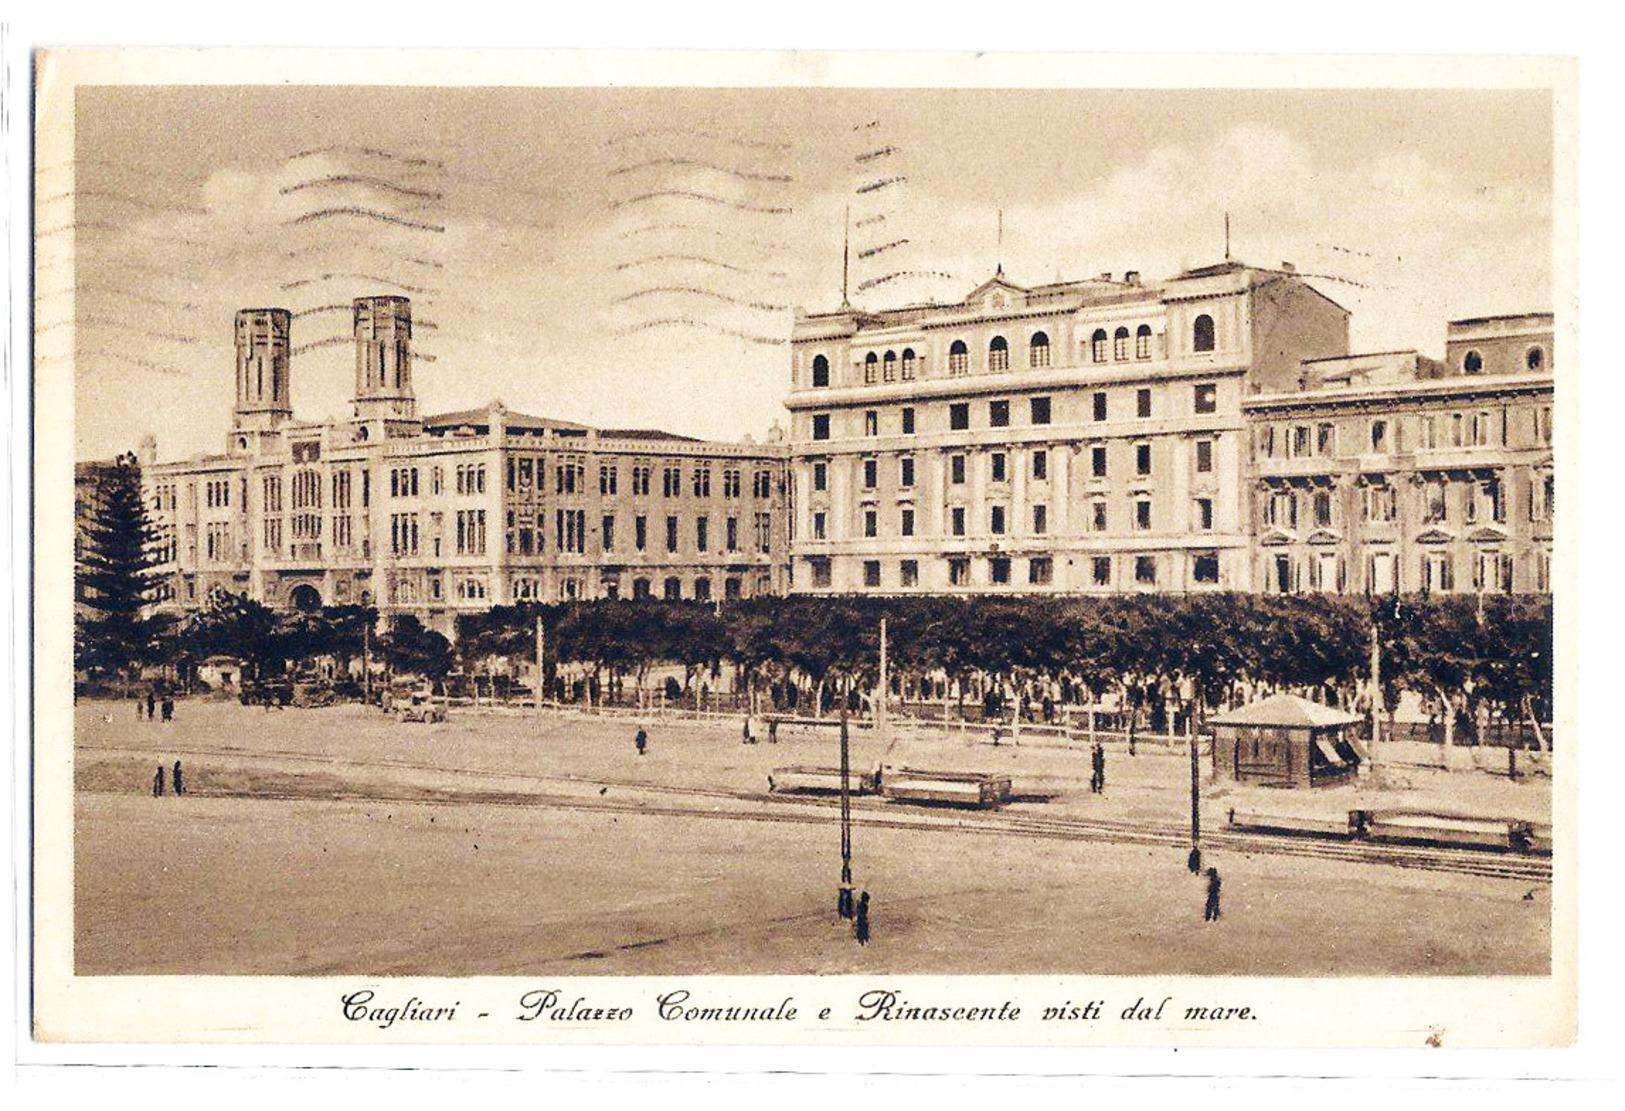 Cagliari - Palazzo Comunale E Rinascente Visti Dal Mare. 1938 - Cagliari